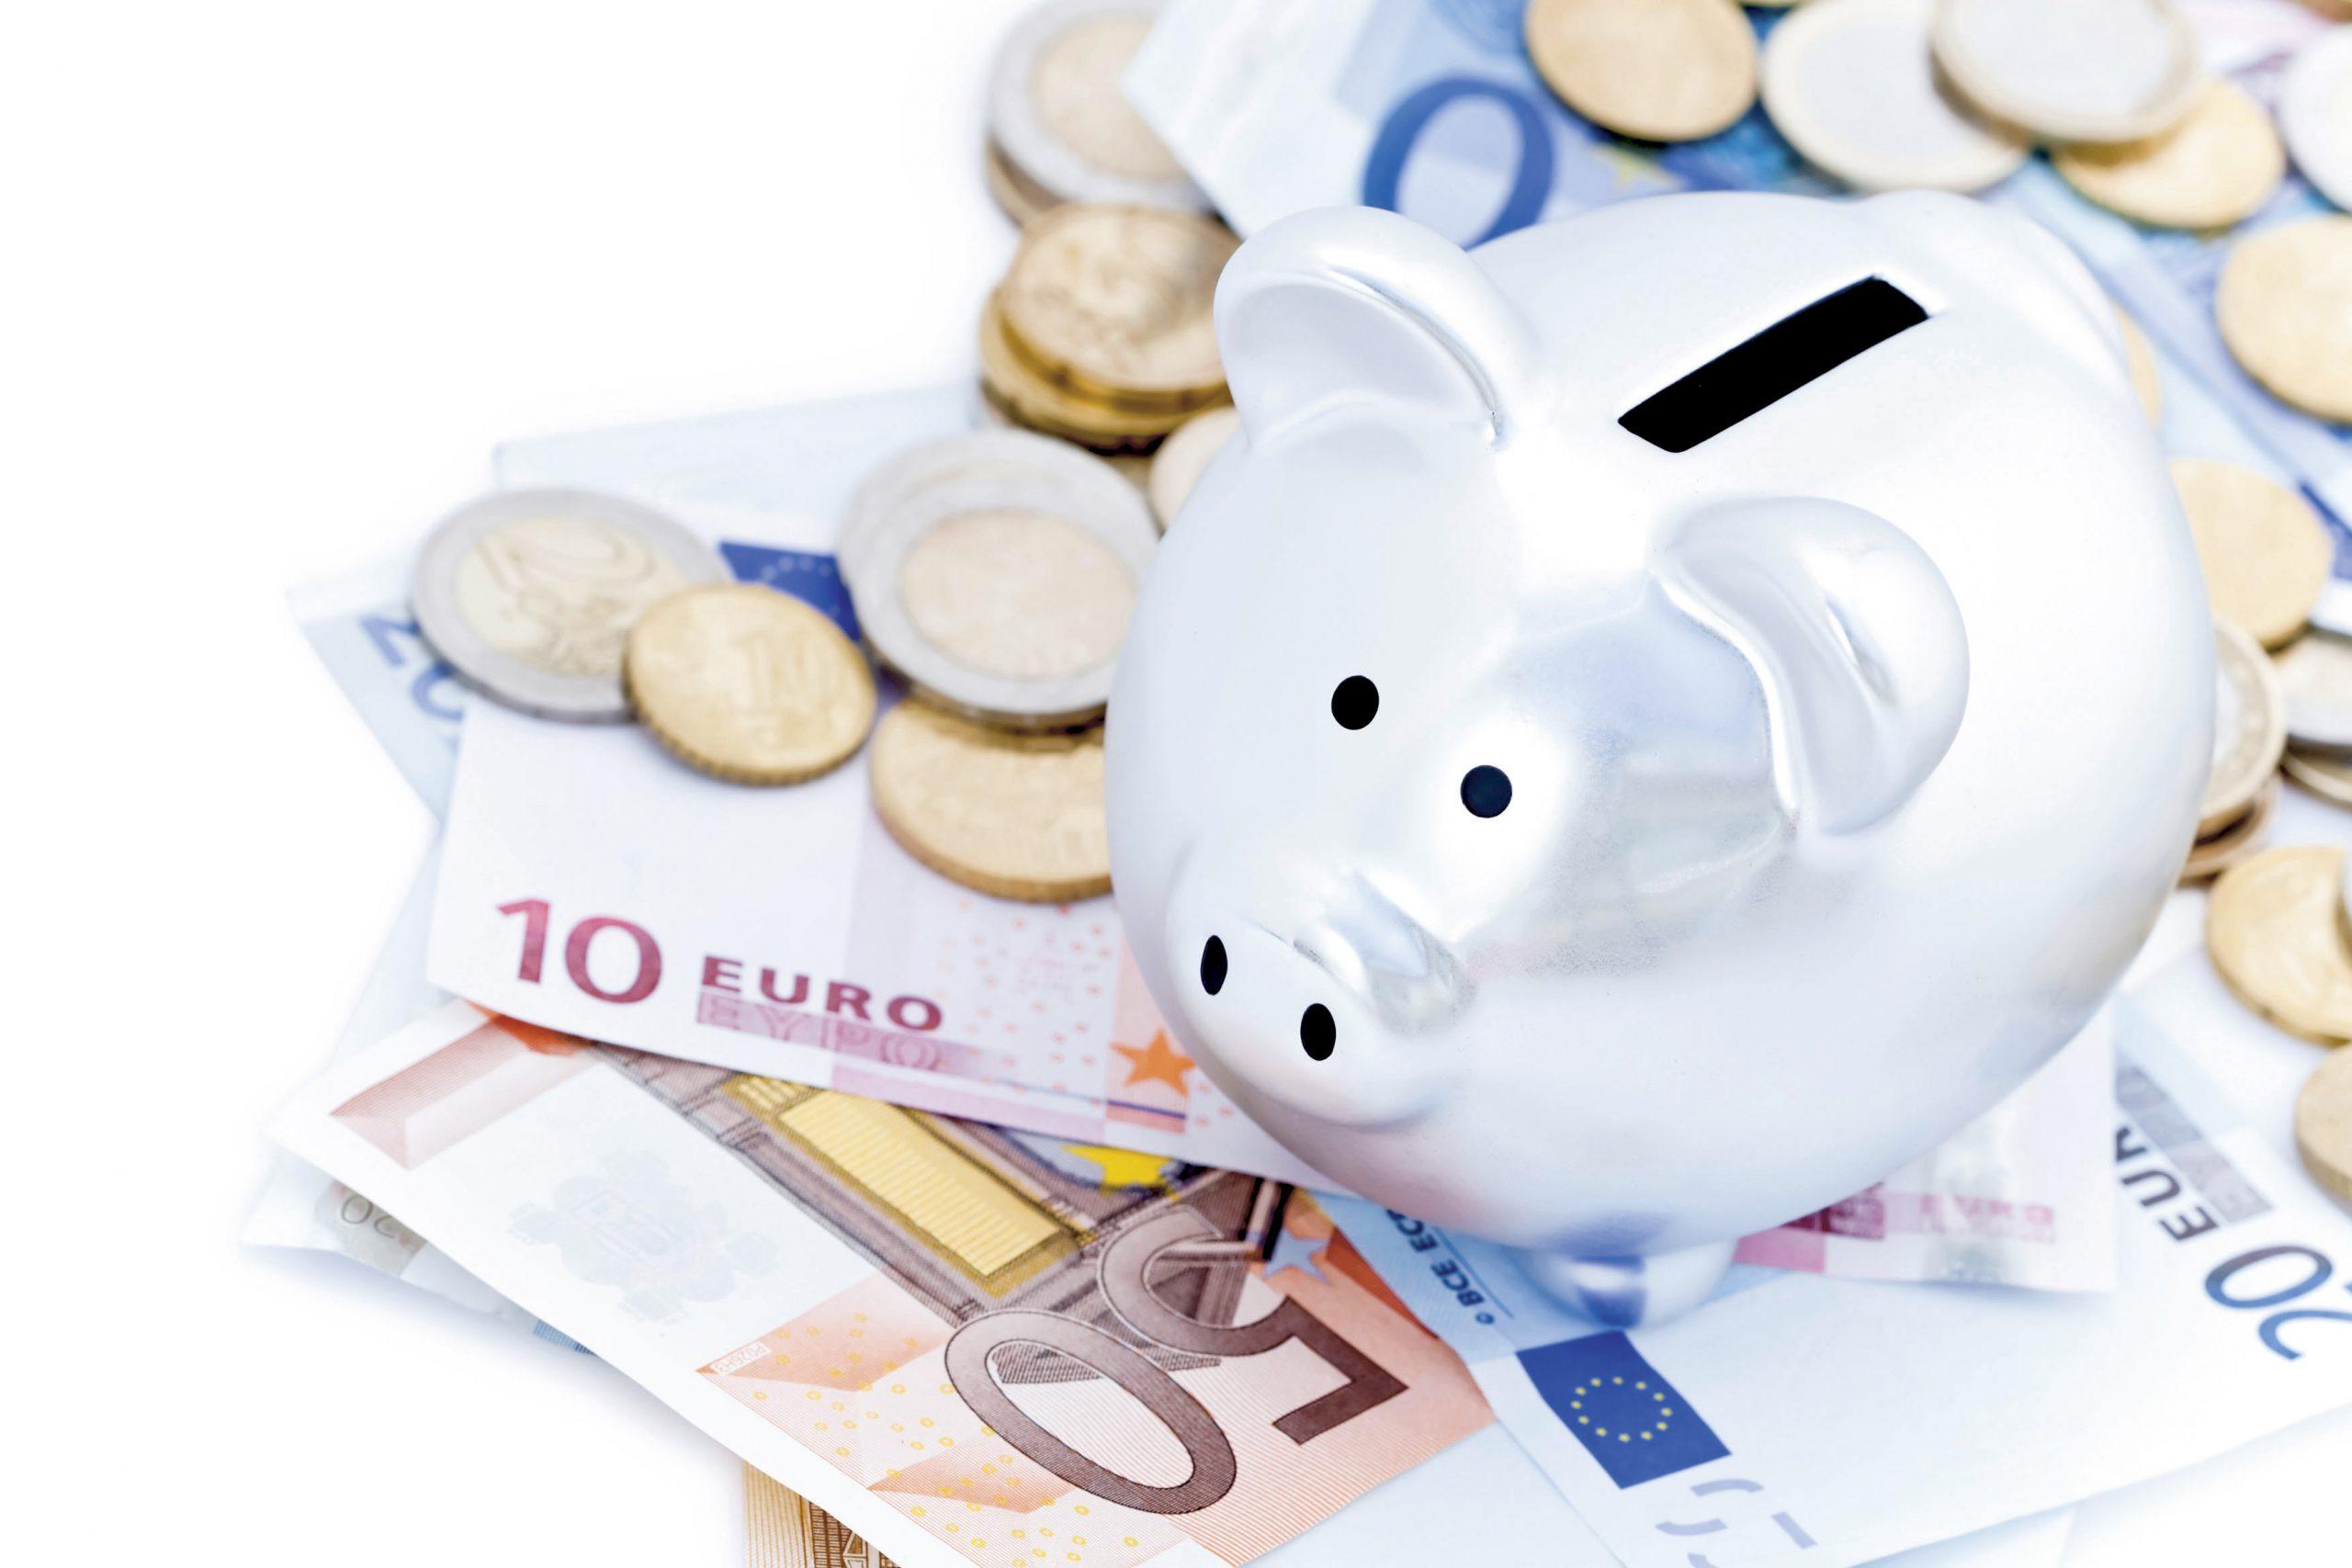 Économisez L'argent Avec Le Couponnage Au Québec